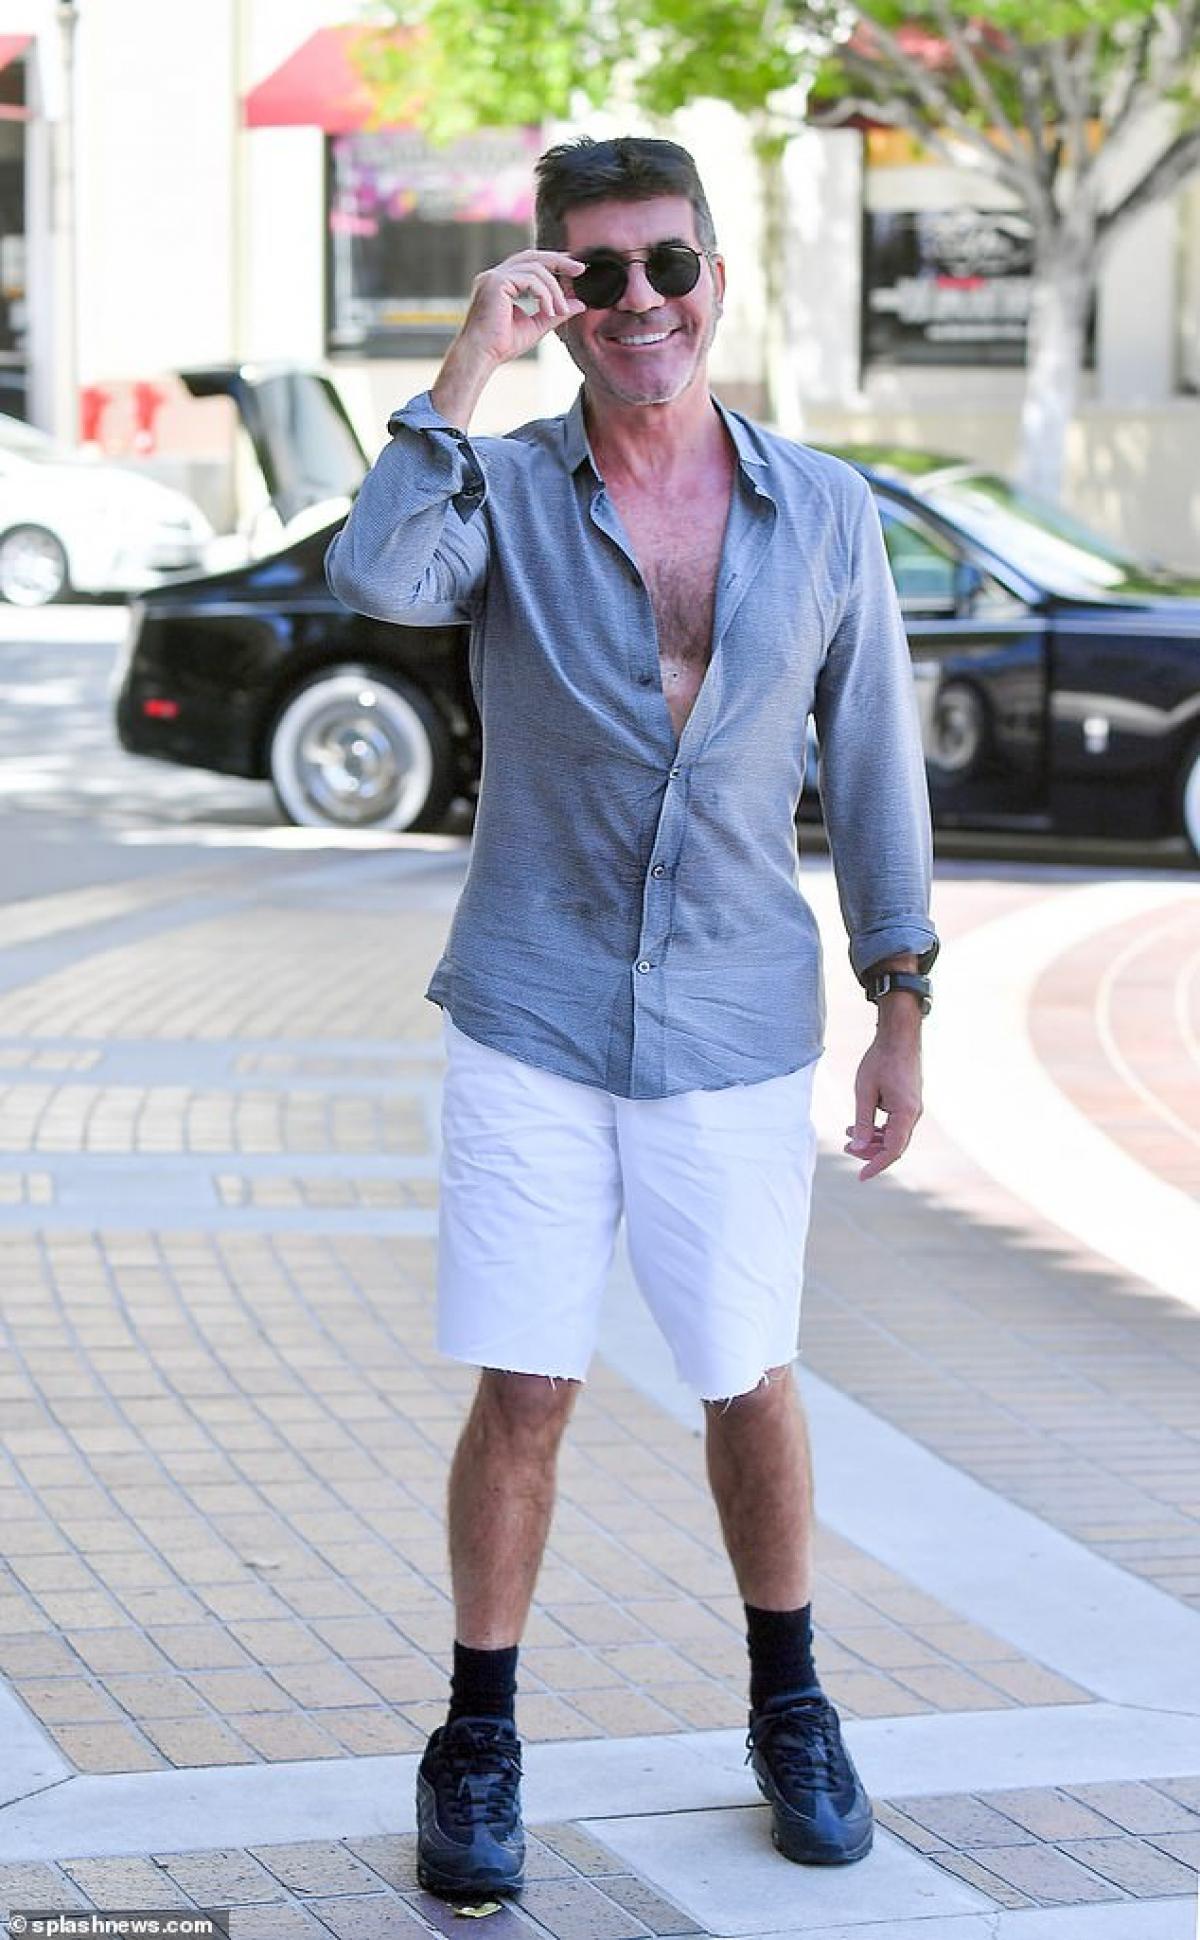 Ngày 18/4, Simon Cowell một mình đến trường quay ghi hình chương trình America's Got Talent ở California.